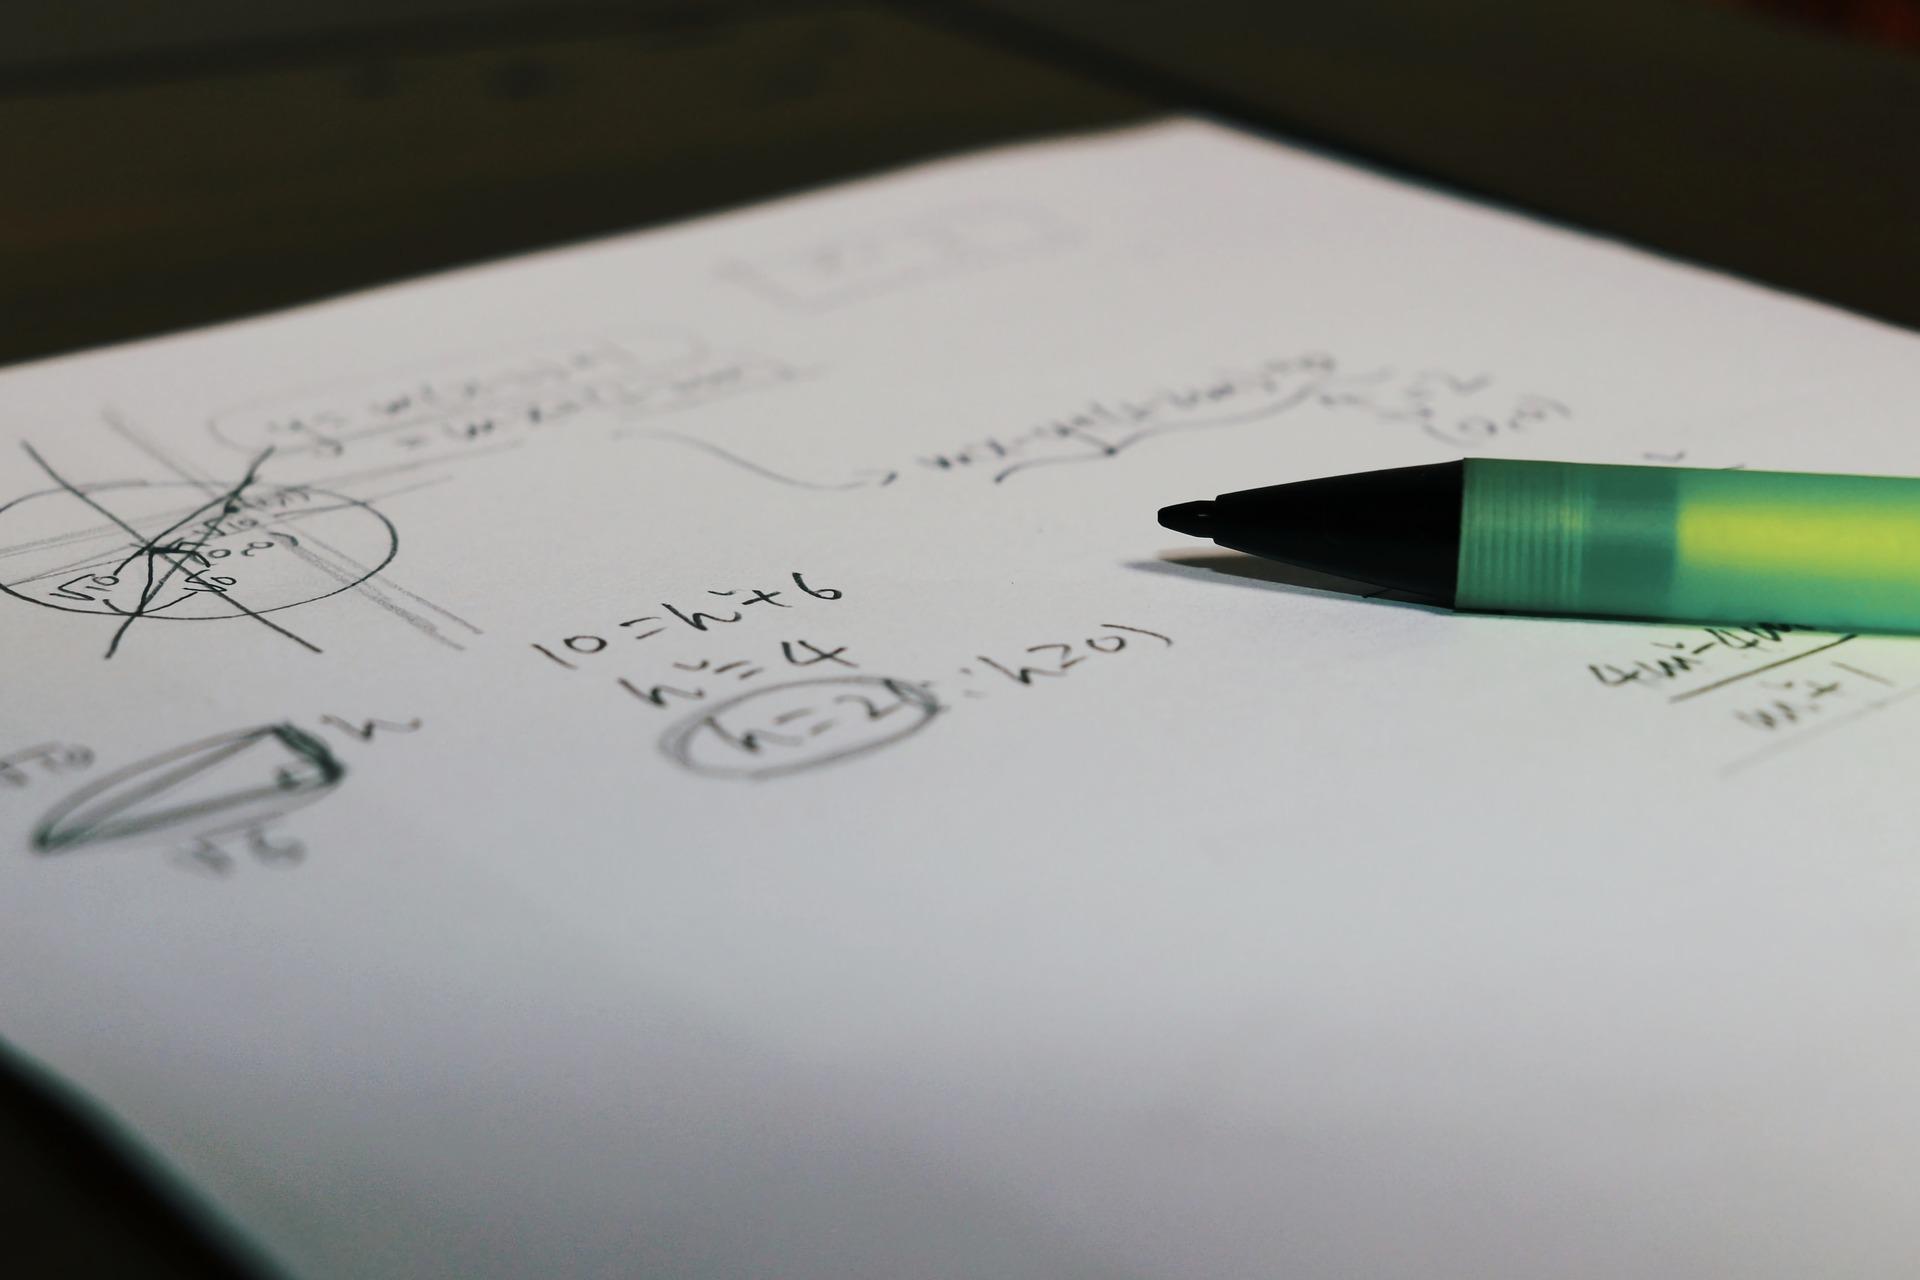 【北里大学医学部】大学の強みや偏差値・入試情報まとめ。おすすめの予備校もご紹介!